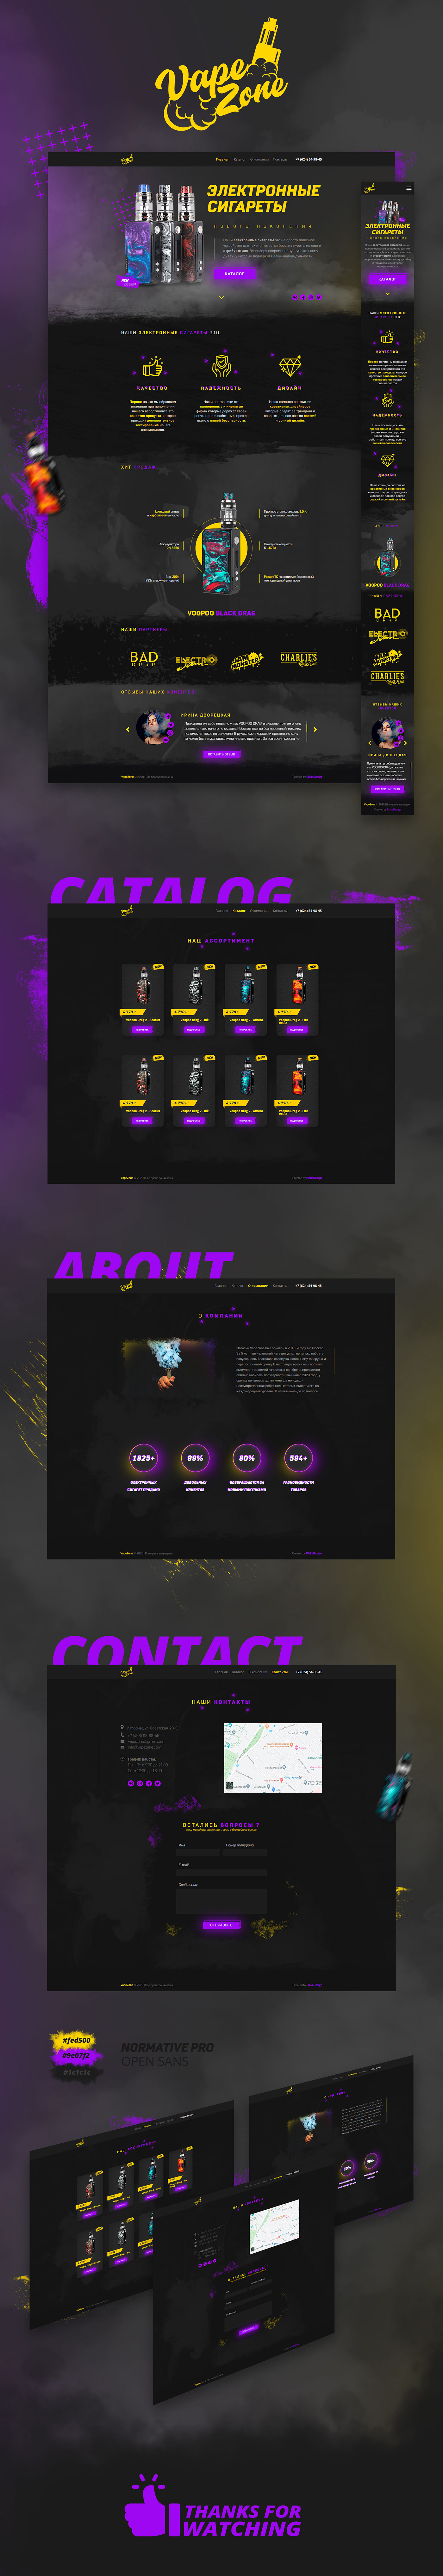 UI ux Vape Web Design  web site